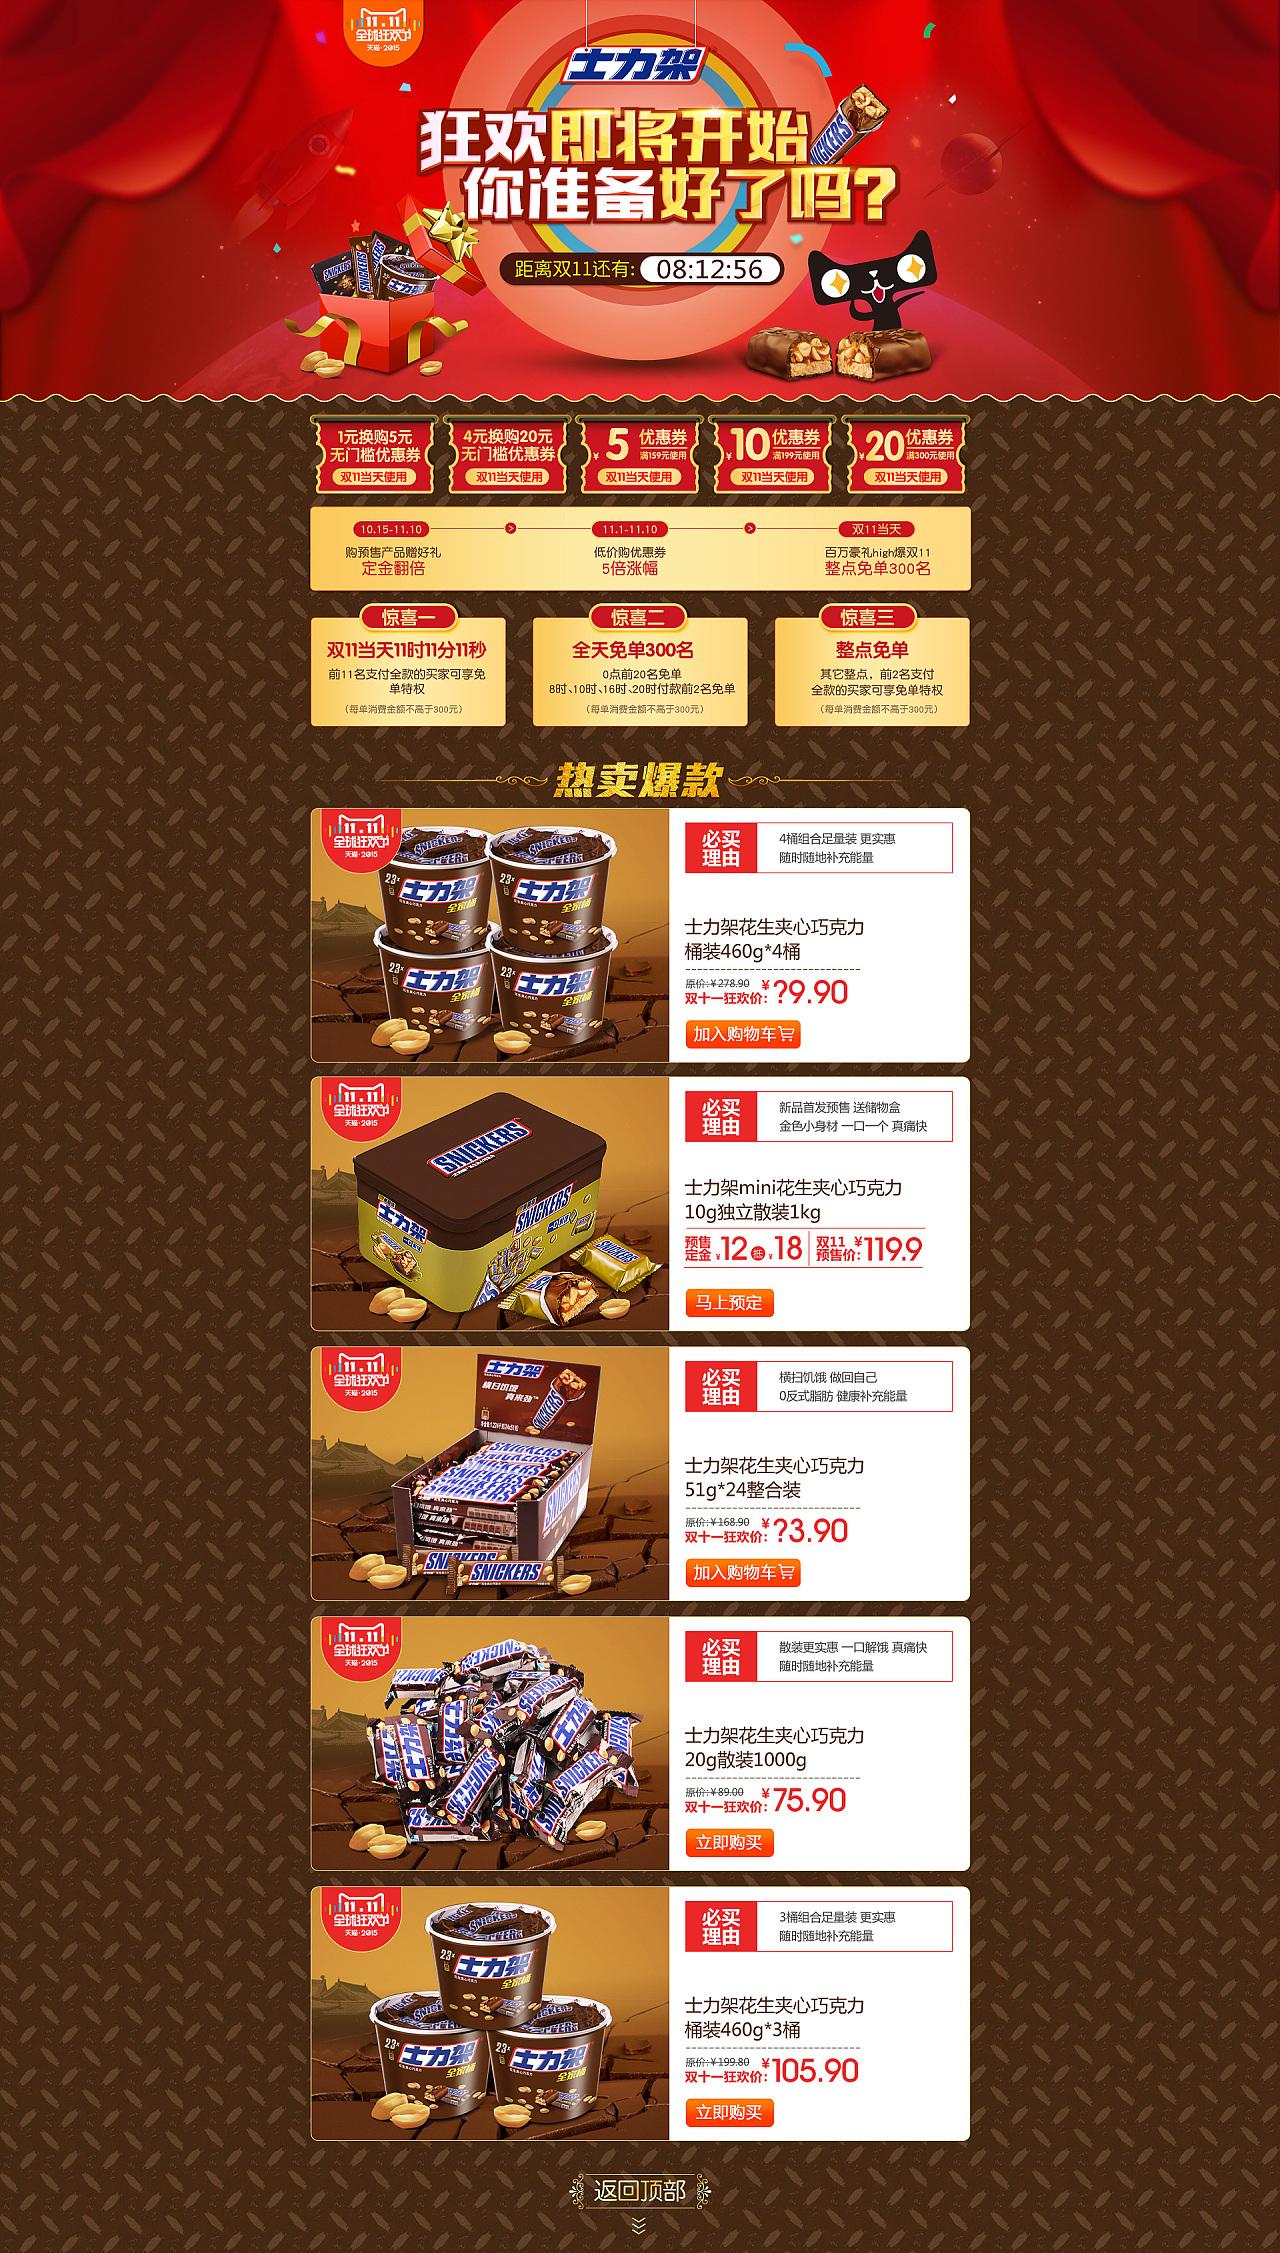 士力架双十一页面|网页|电商|jixuemeng - 原创作品